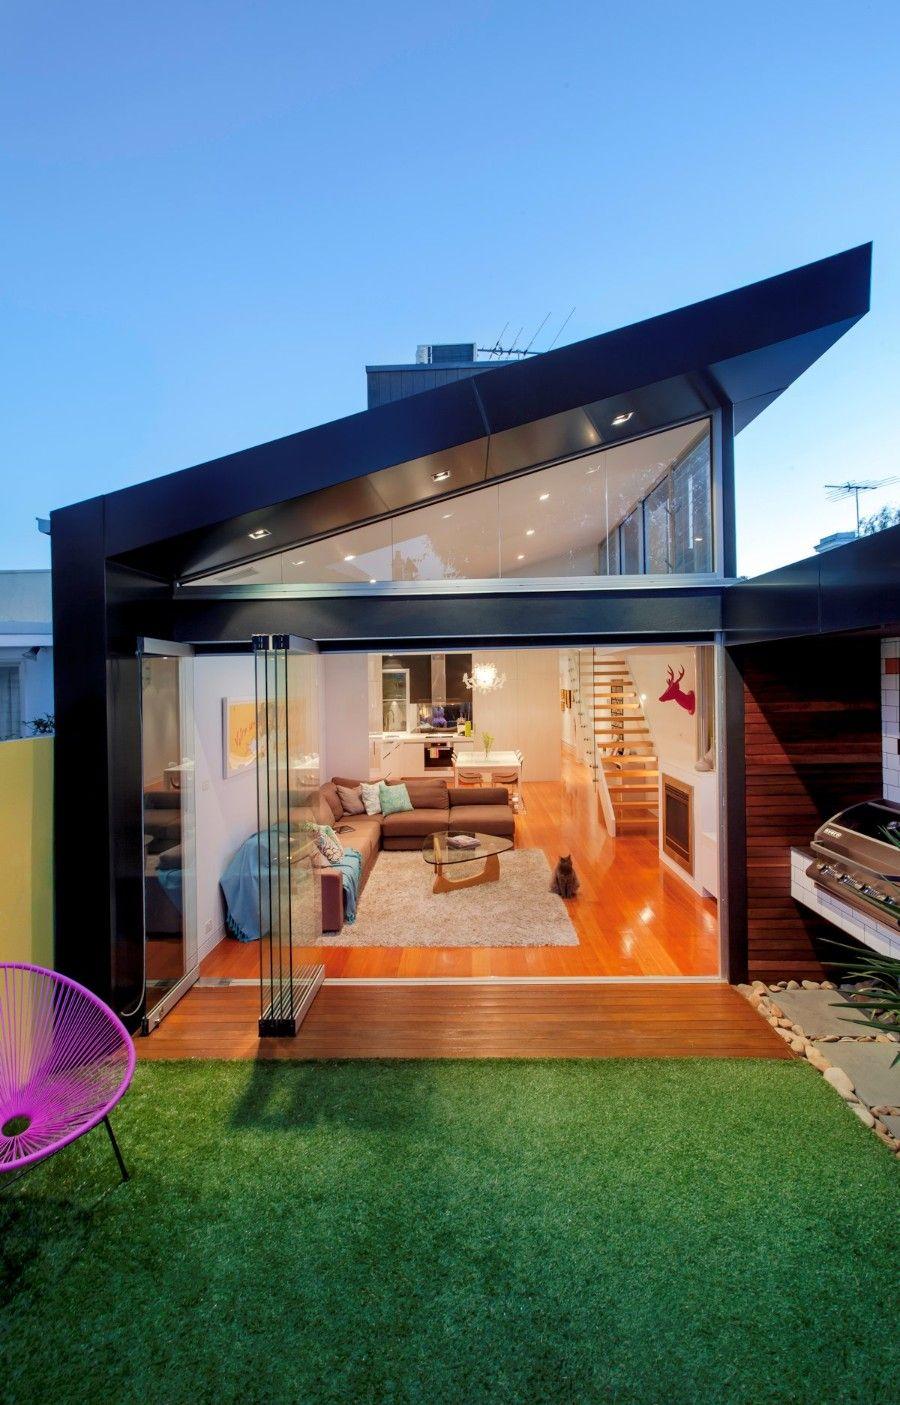 Architettura Case Moderne Idee.Idee Casa Architettura